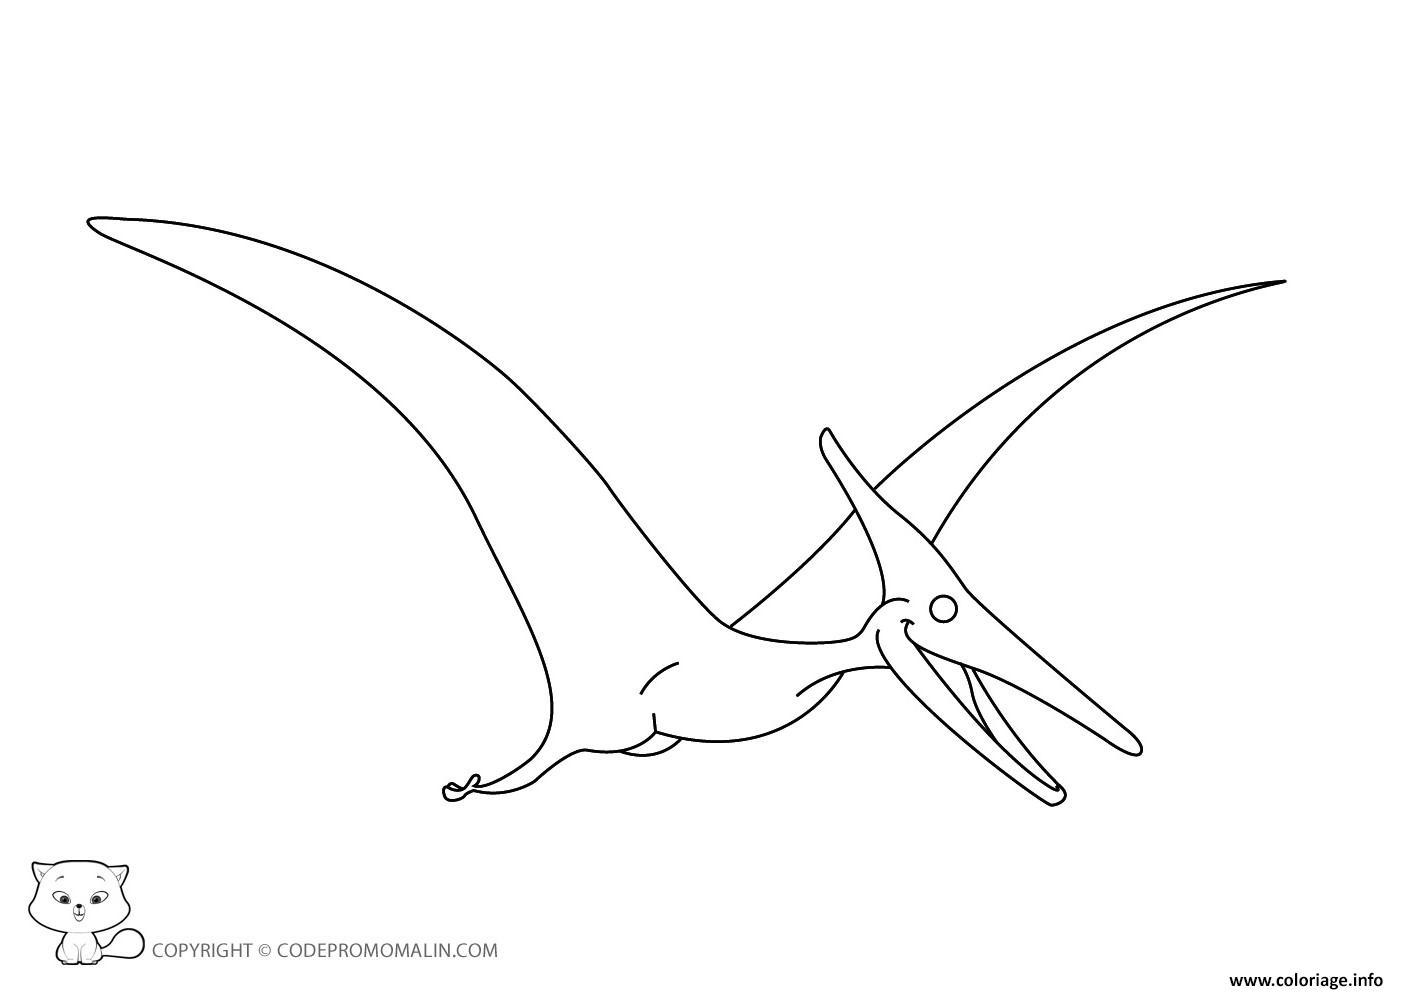 Coloriage dinosaure 147